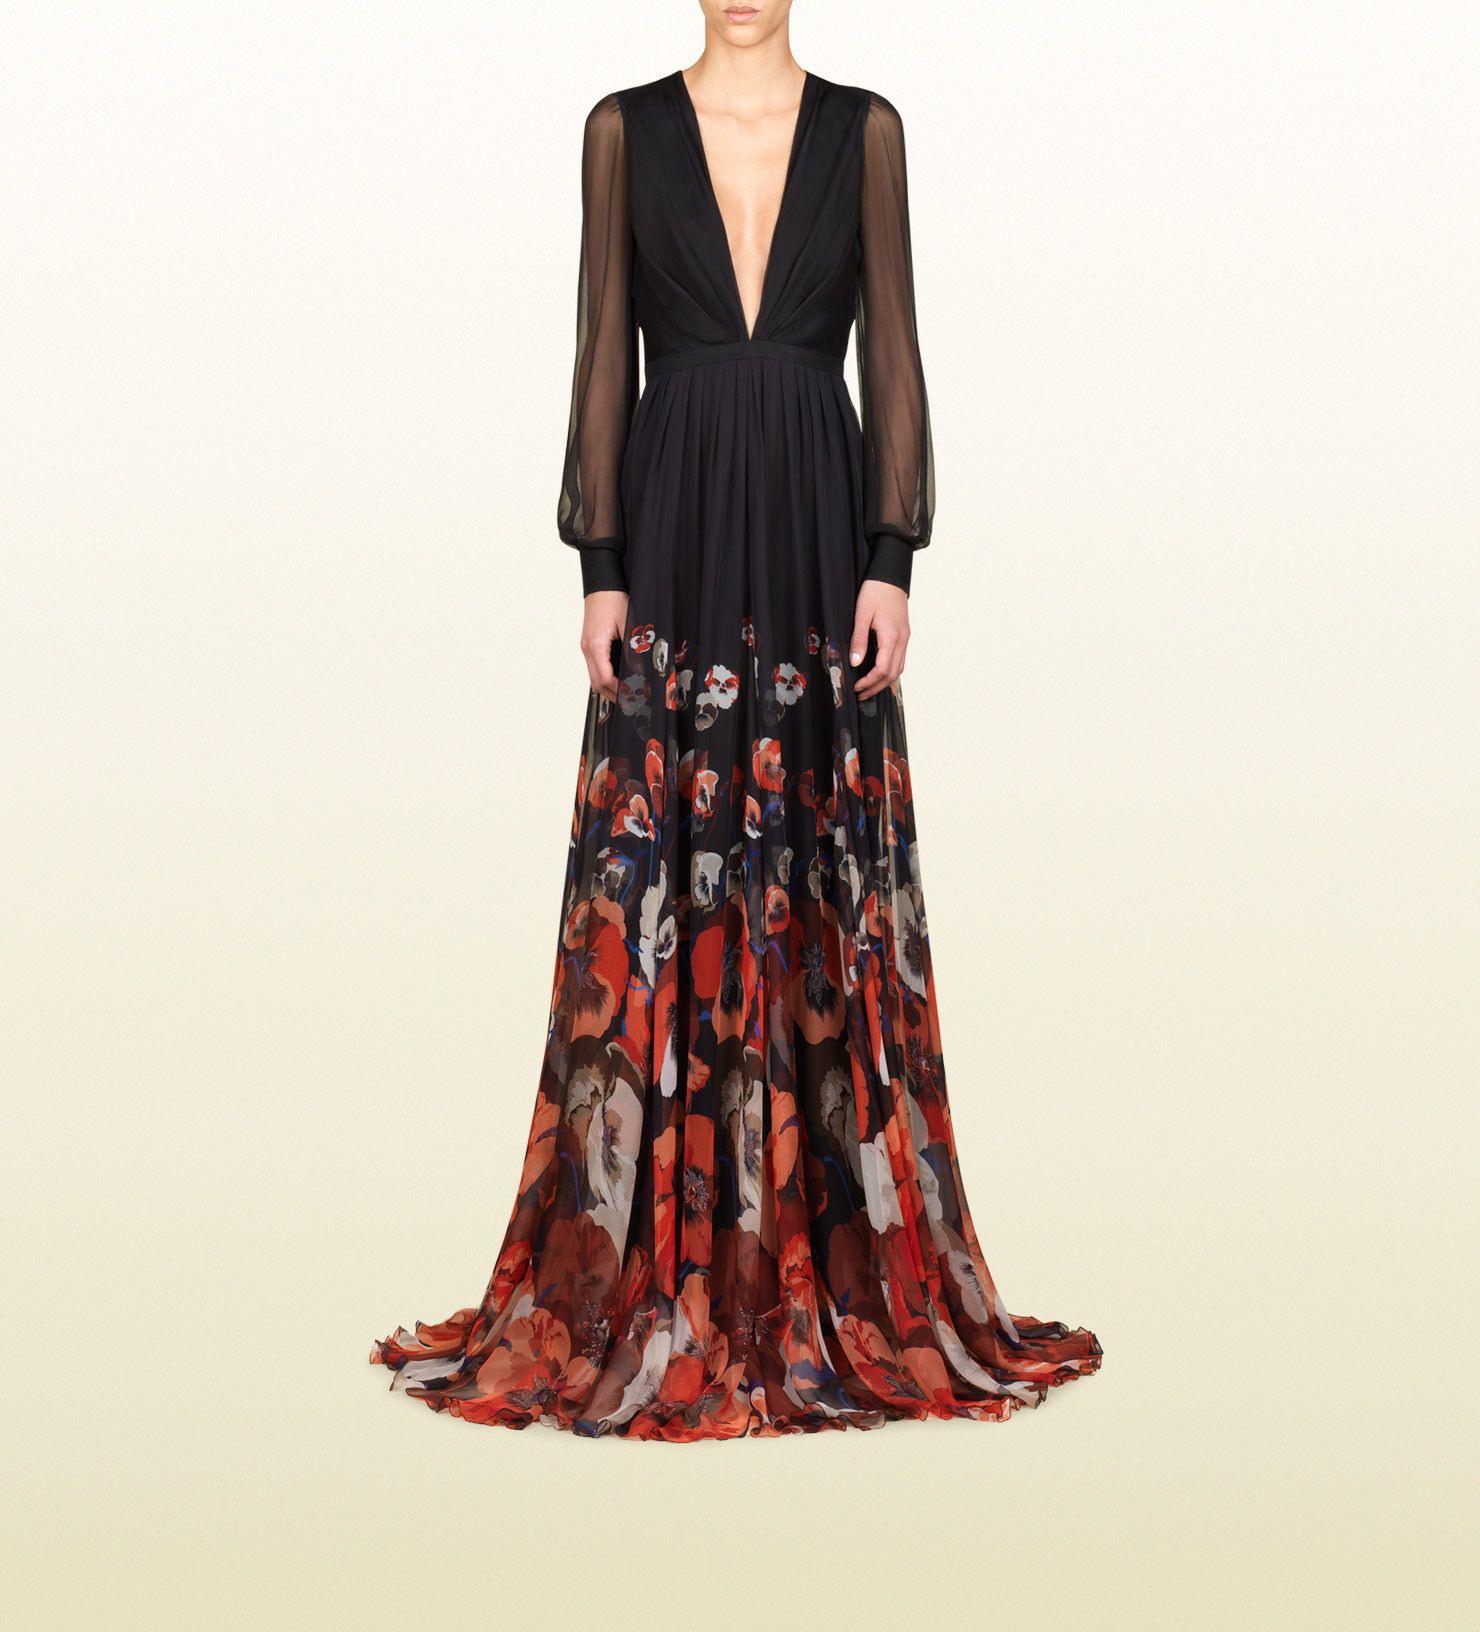 17 Luxurius Gucci Abend Kleid StylishAbend Coolste Gucci Abend Kleid Stylish